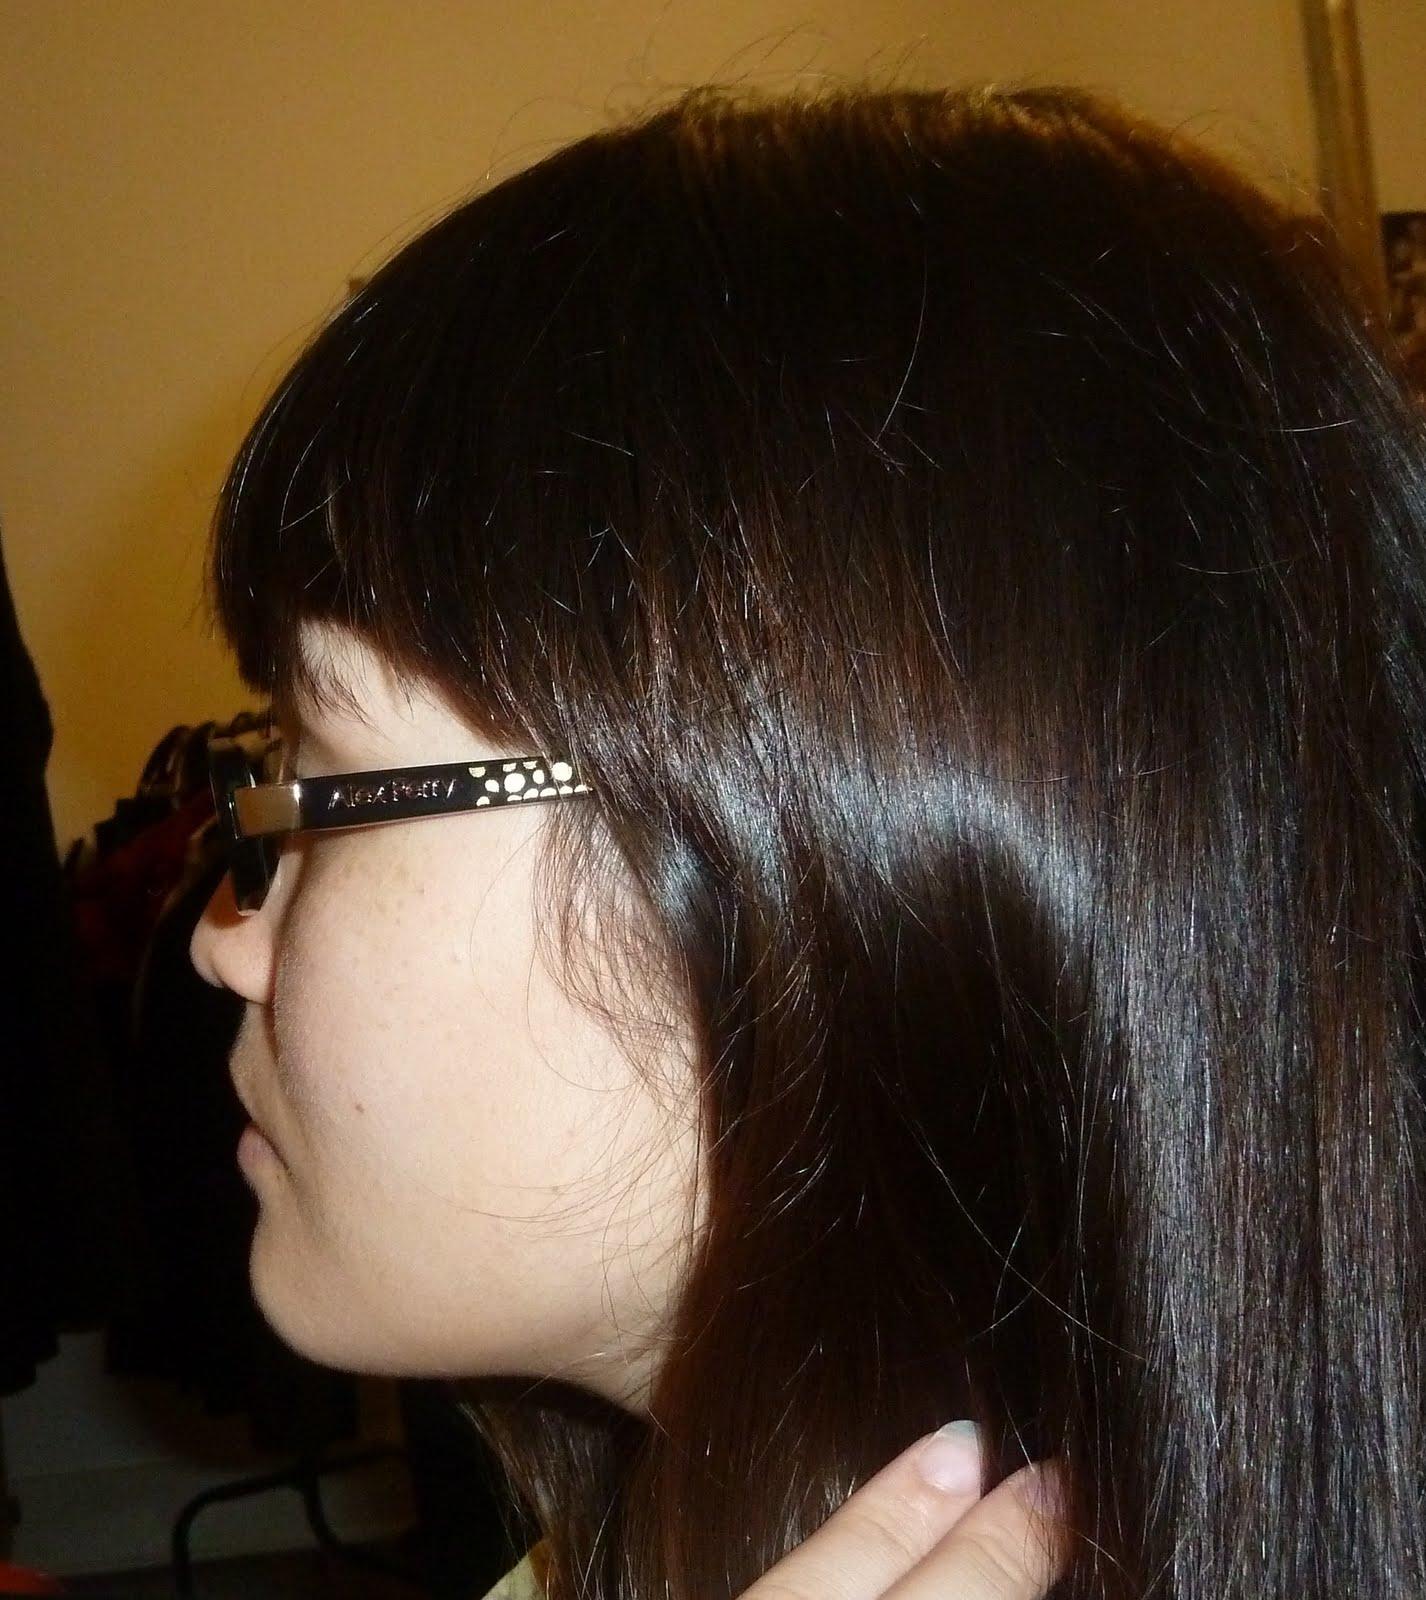 http://4.bp.blogspot.com/-g53G5YkAPEQ/Tbv37EO8YFI/AAAAAAAAADE/9wH1kExZEUk/s1600/P1000711.JPG